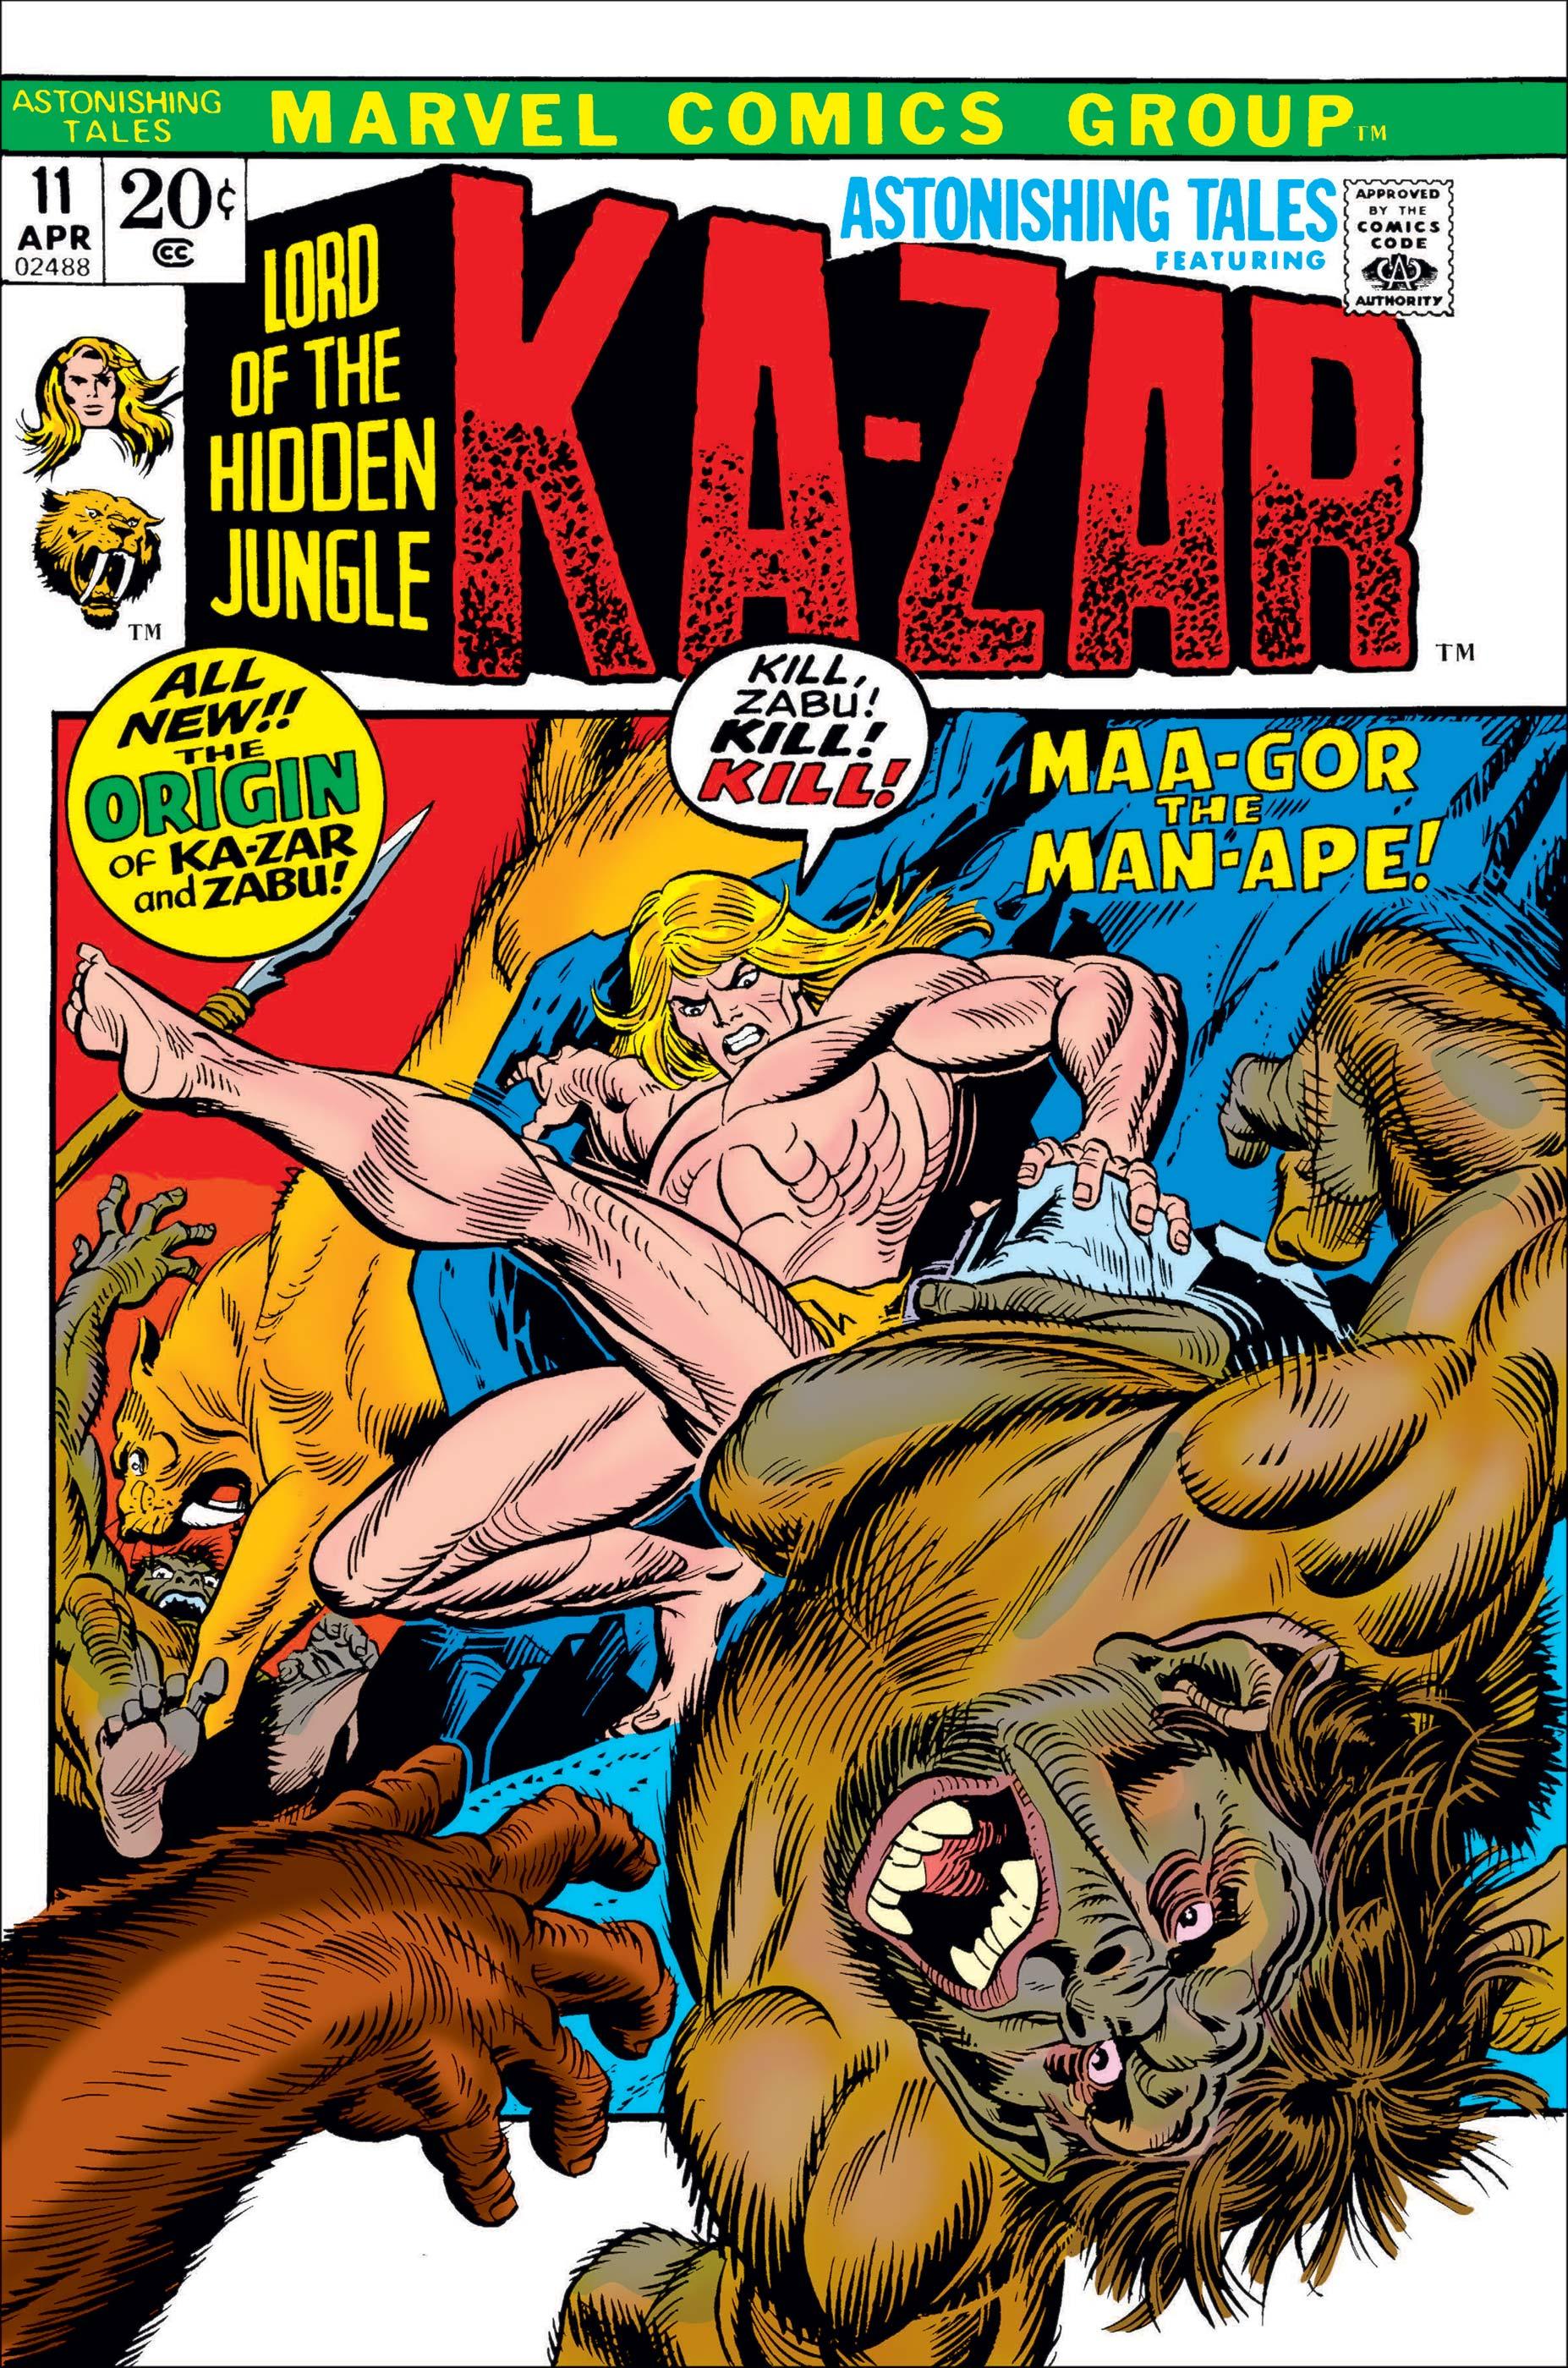 Astonishing Tales (1970) #11